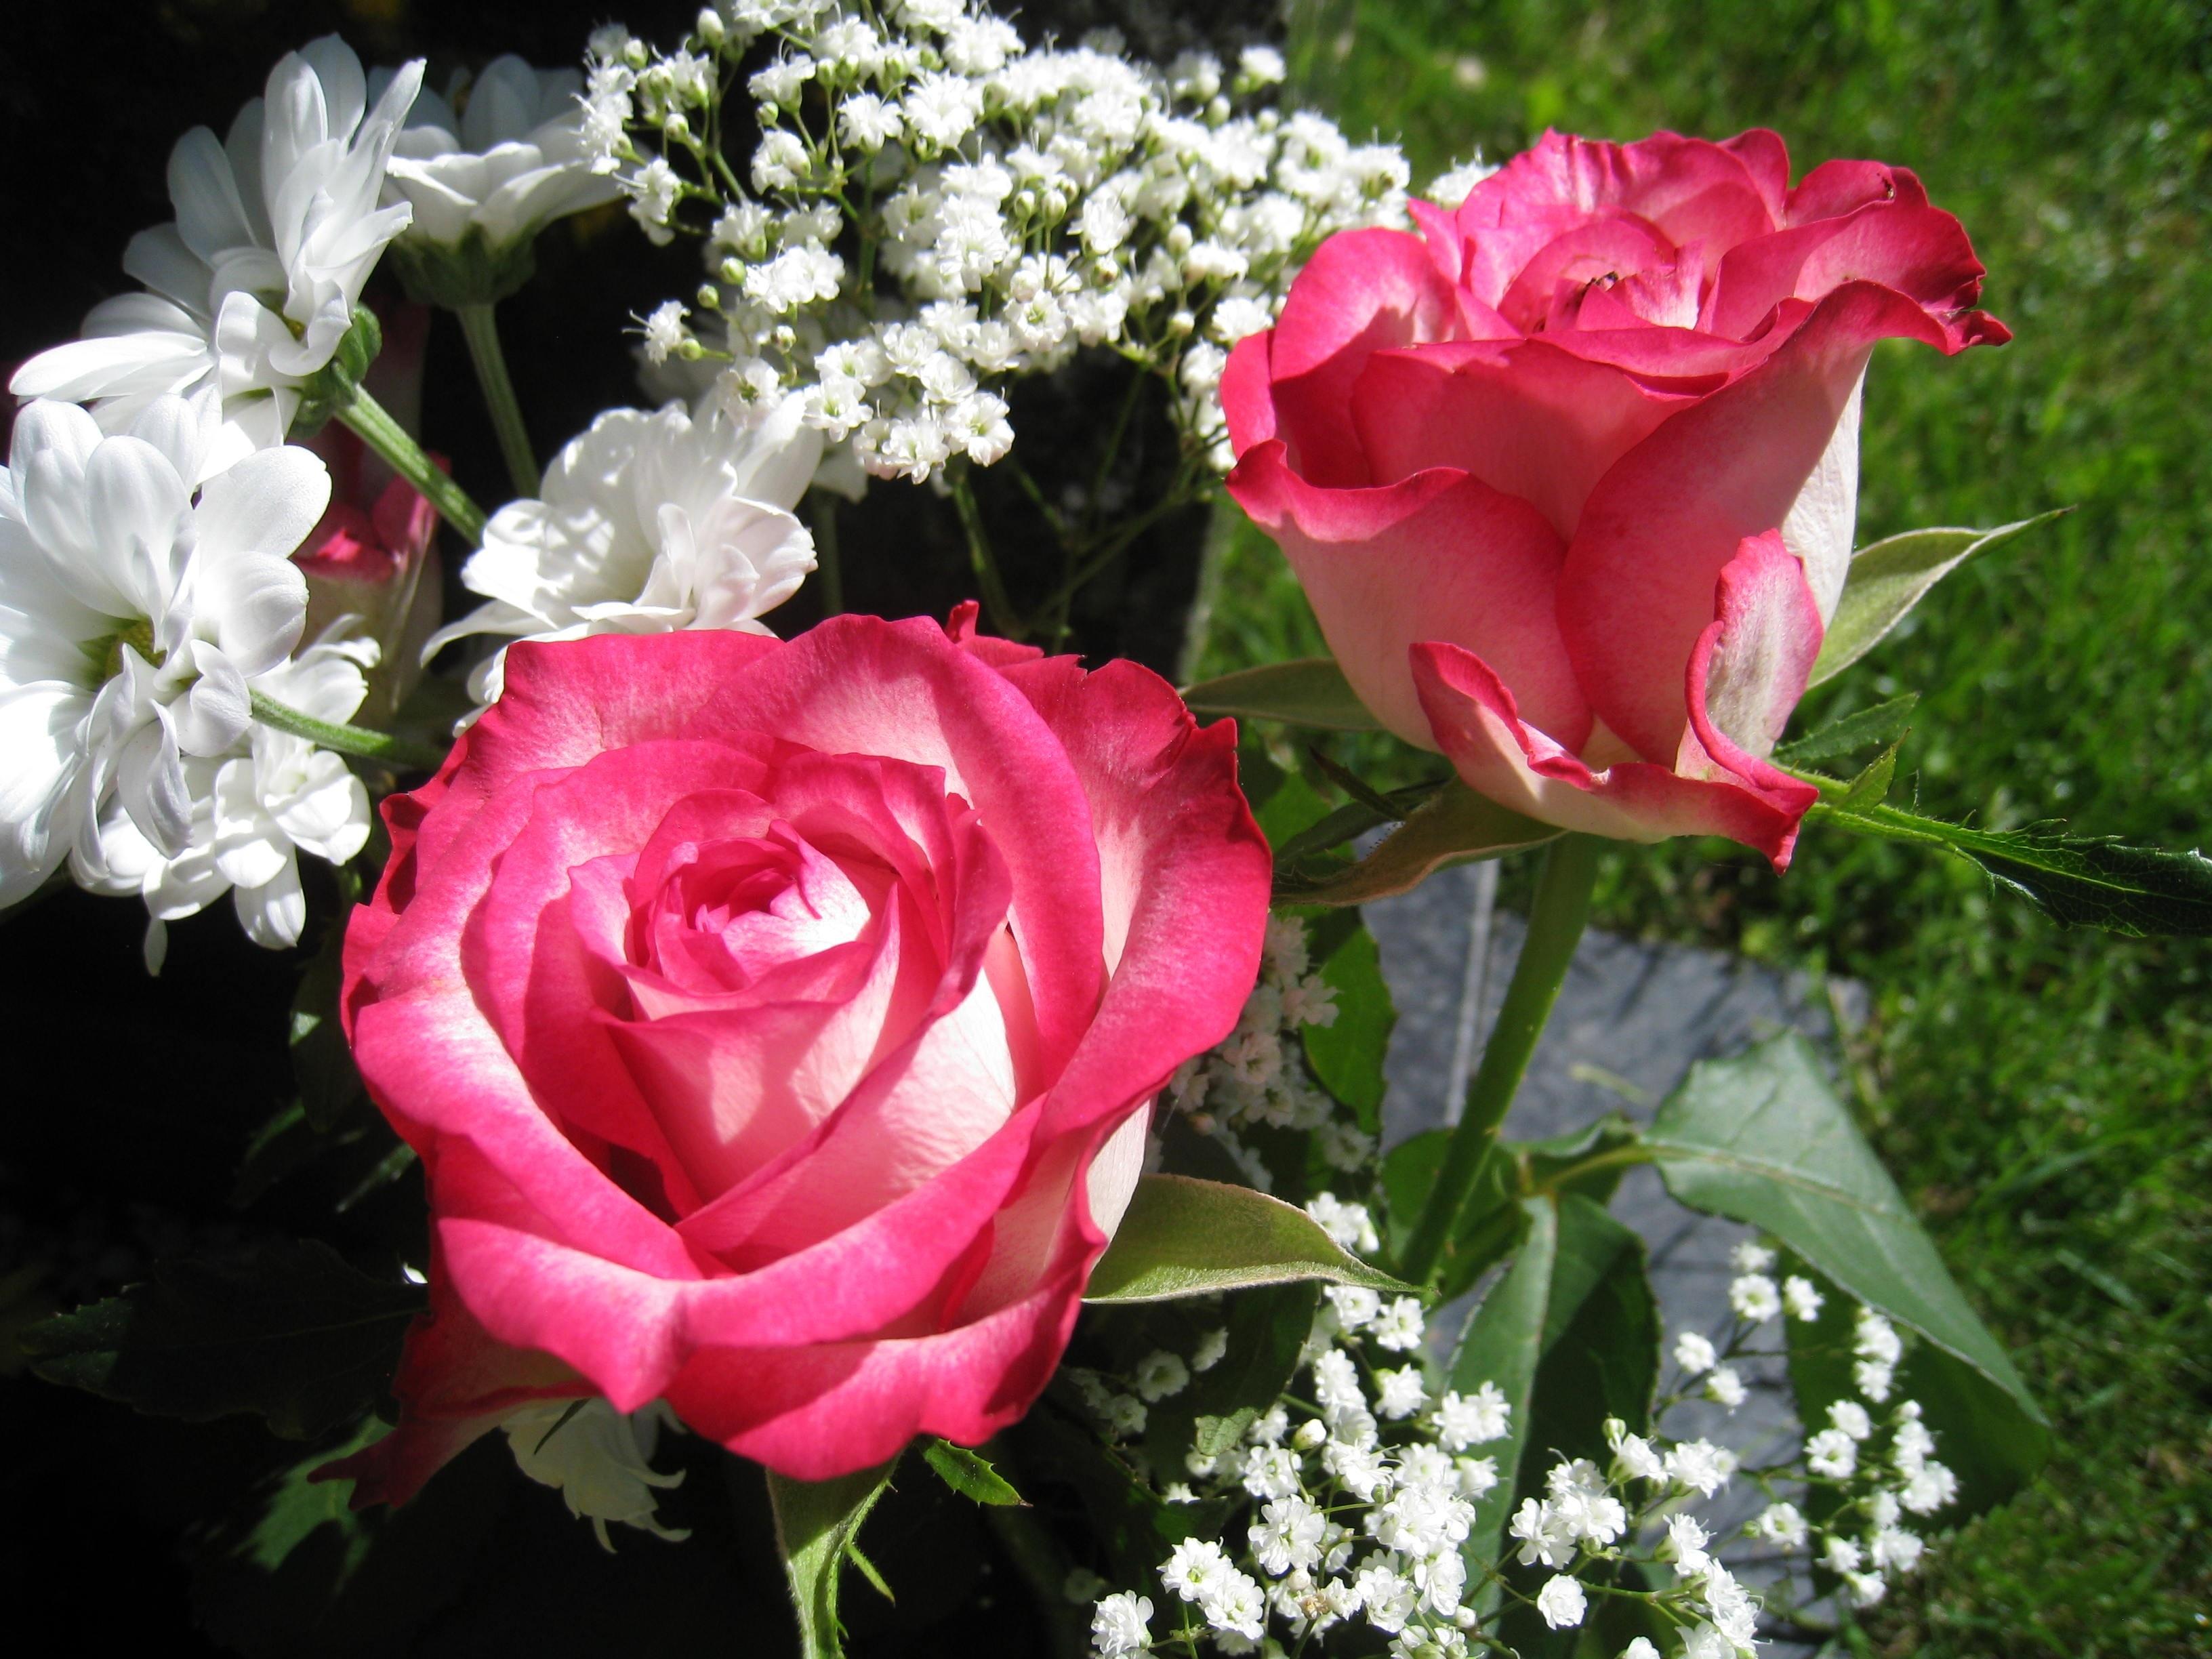 функция этих покажите новые розы фото послушно родителям дитя